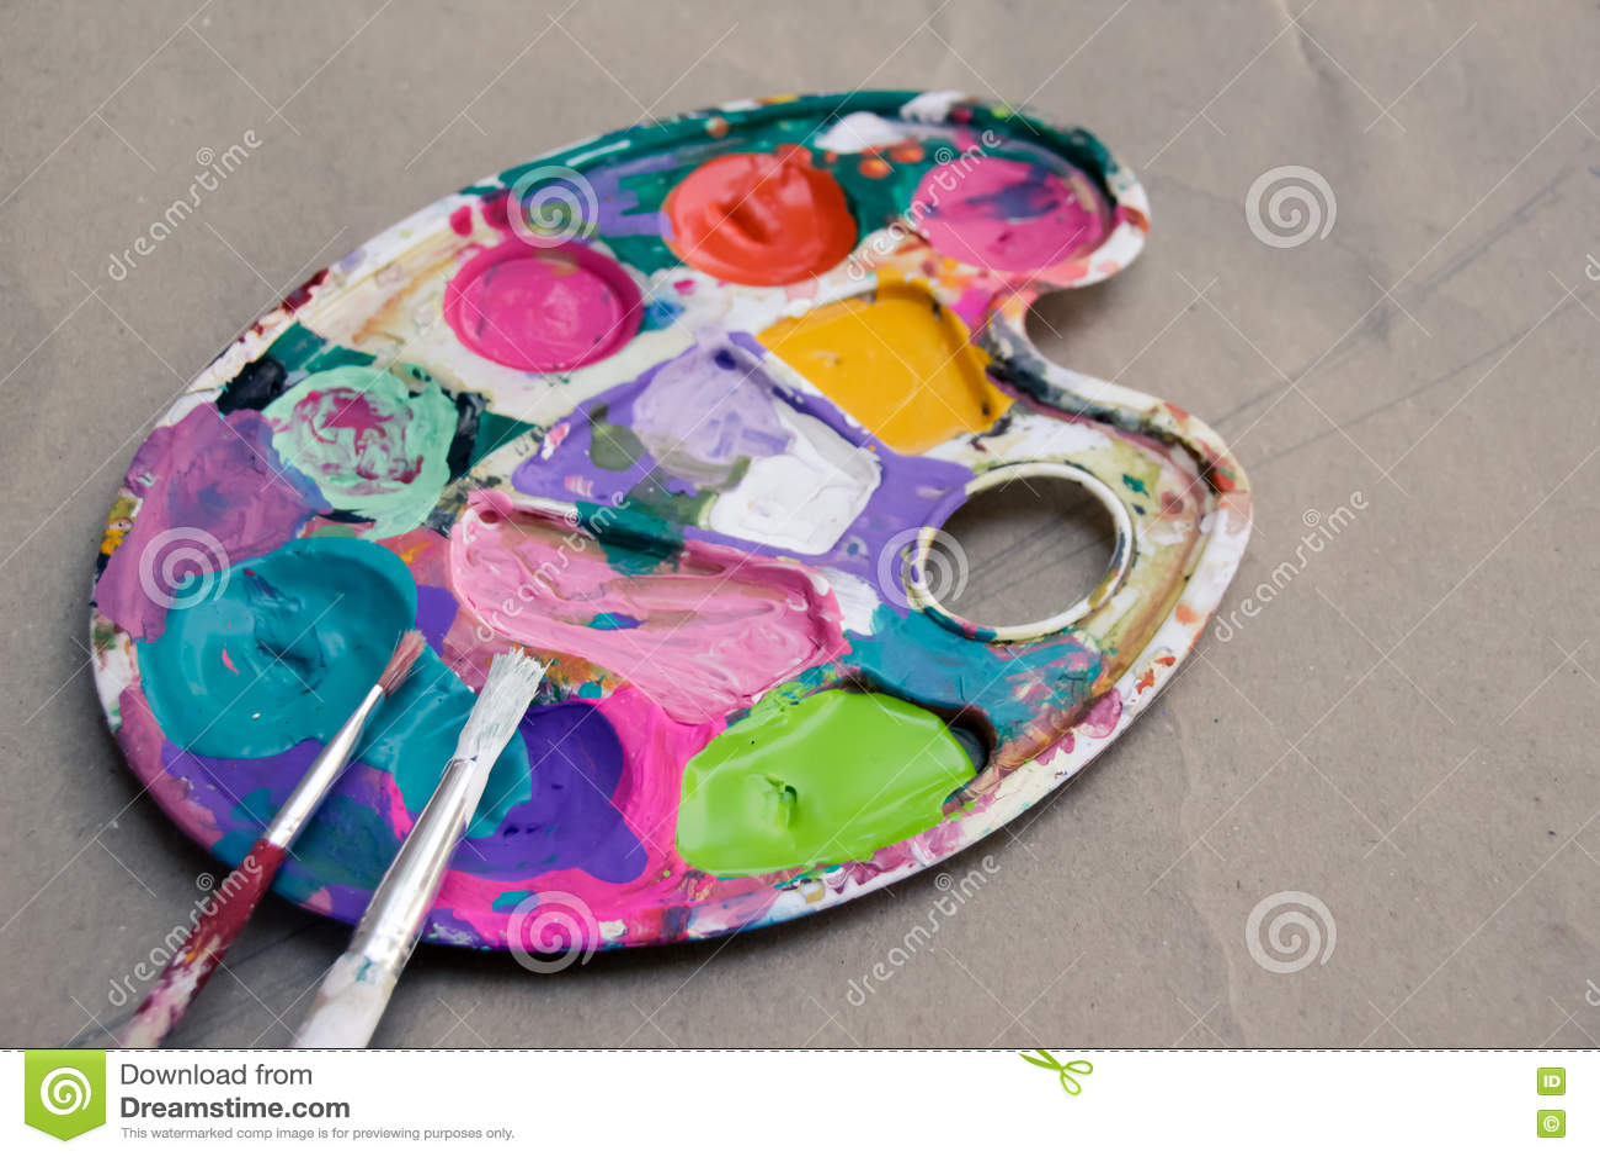 Peinture palette et brosses d 39 art photo stock image for Peinture palette